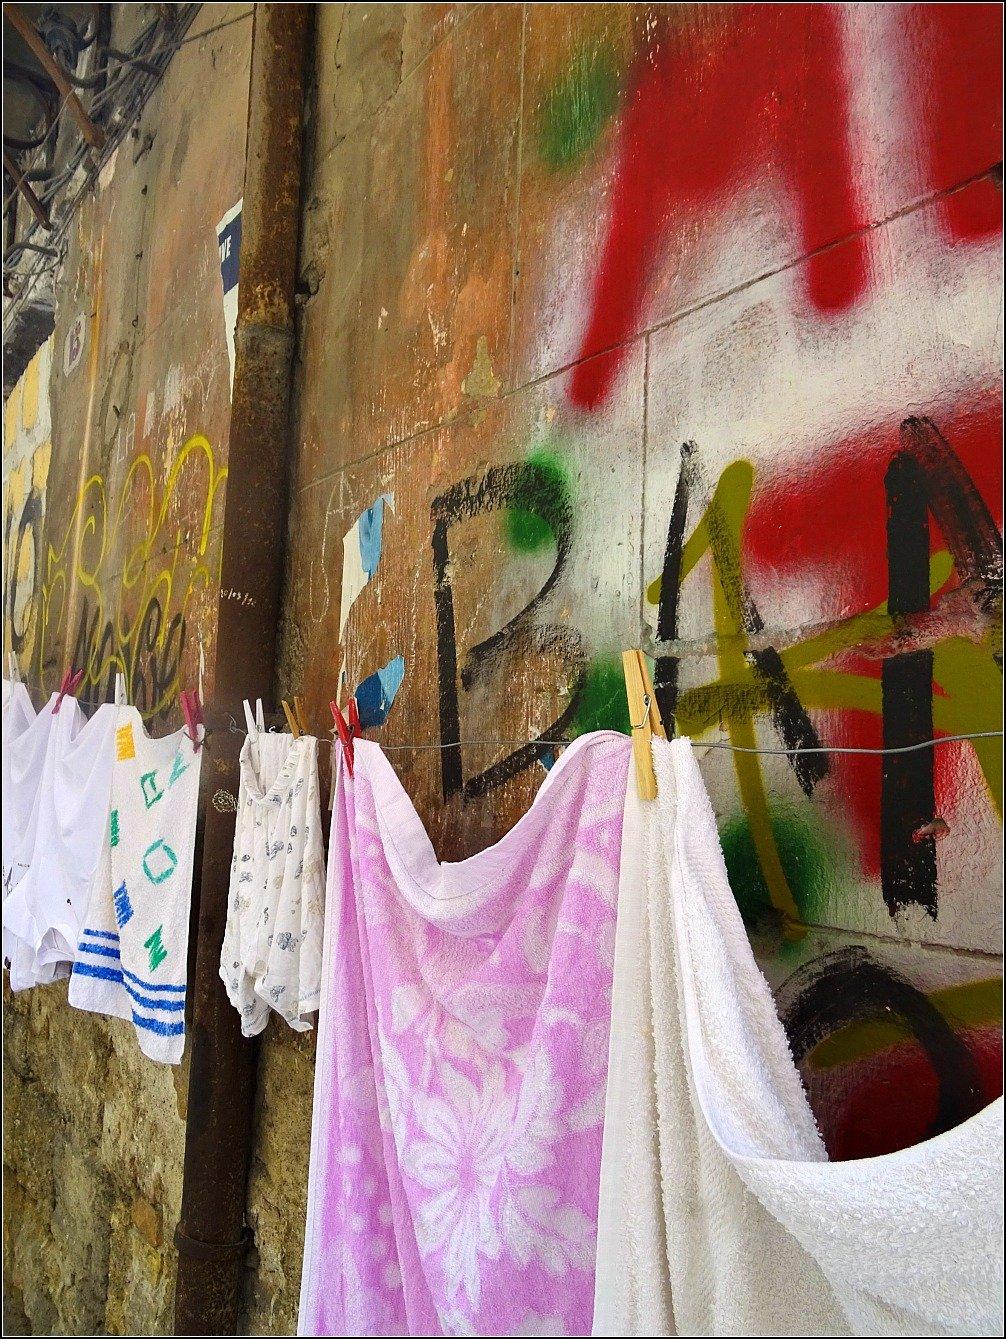 Palermo Walls and Washing